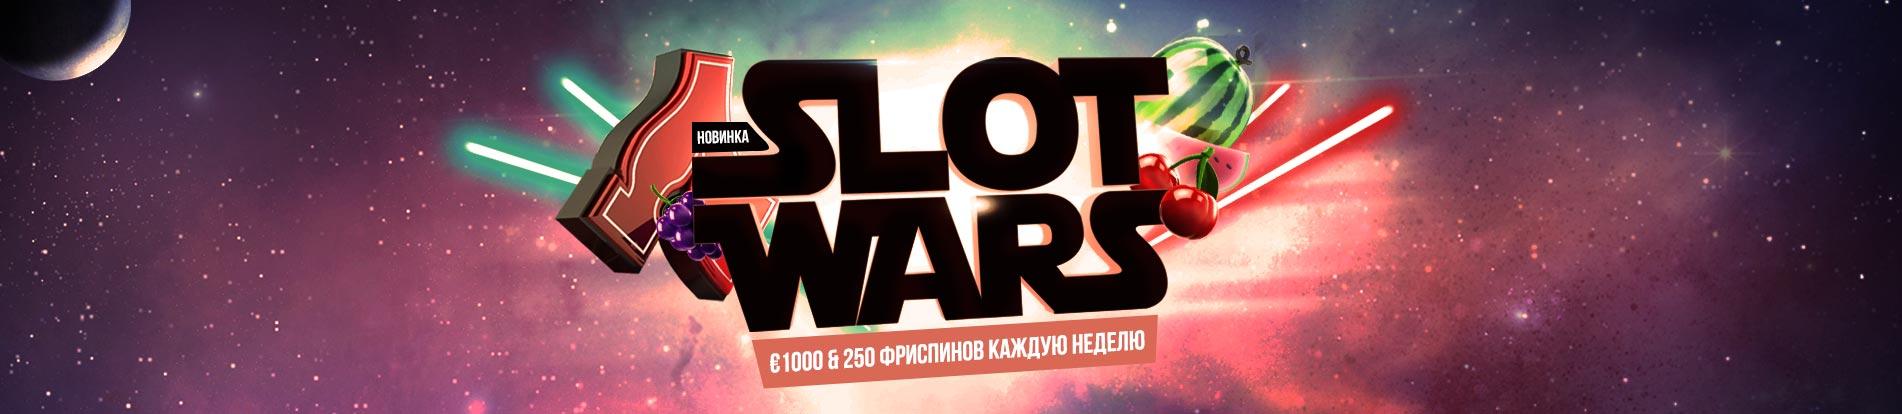 BStrz_PromoPage_Nslotwars_ru.jpg